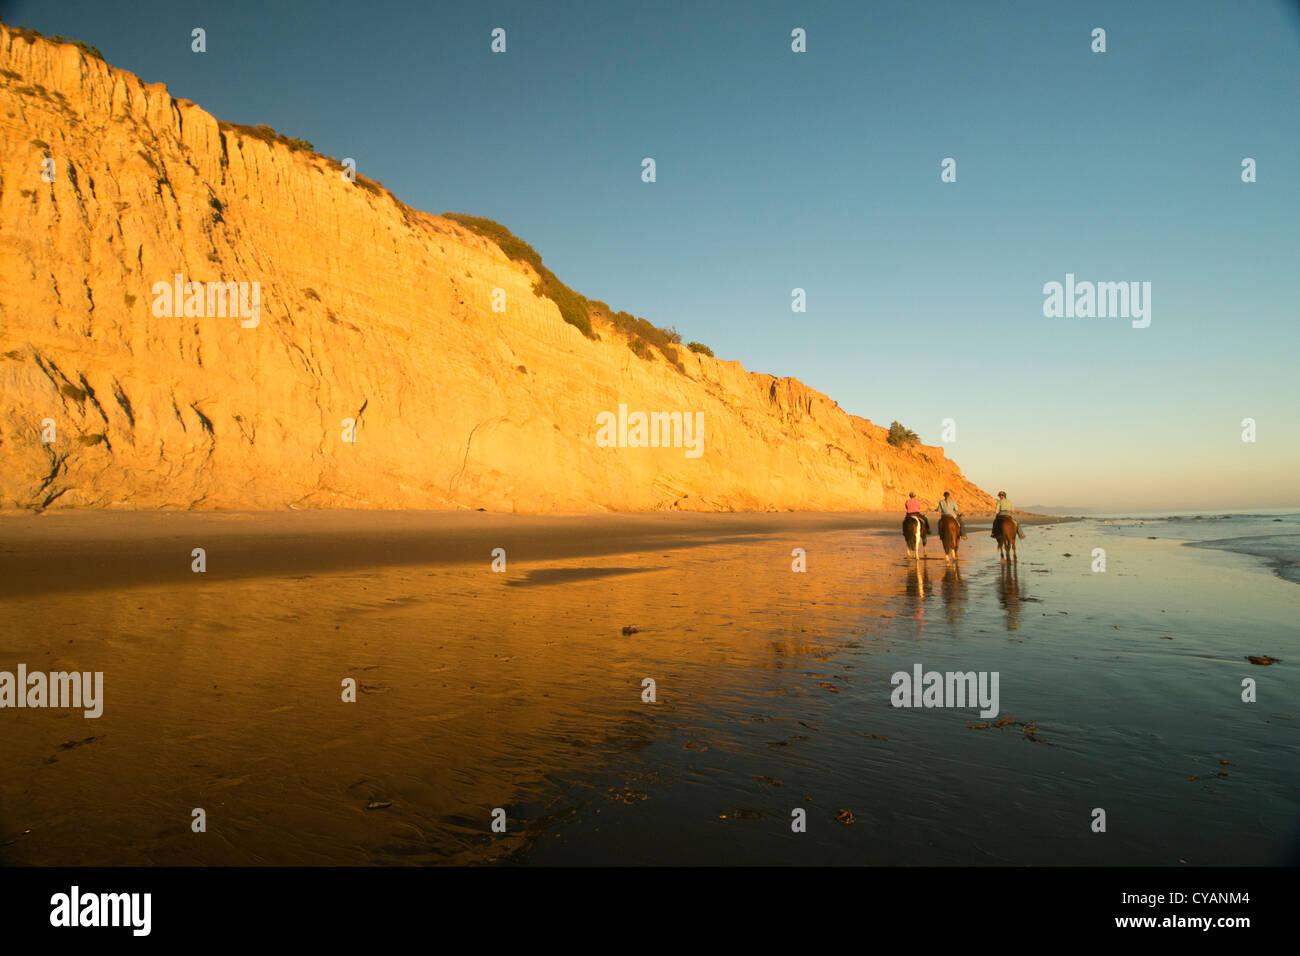 Cavaliers sur la plage de Summerland au coucher du soleil Santa Barbara  California USA Photo Stock 971d281ef931